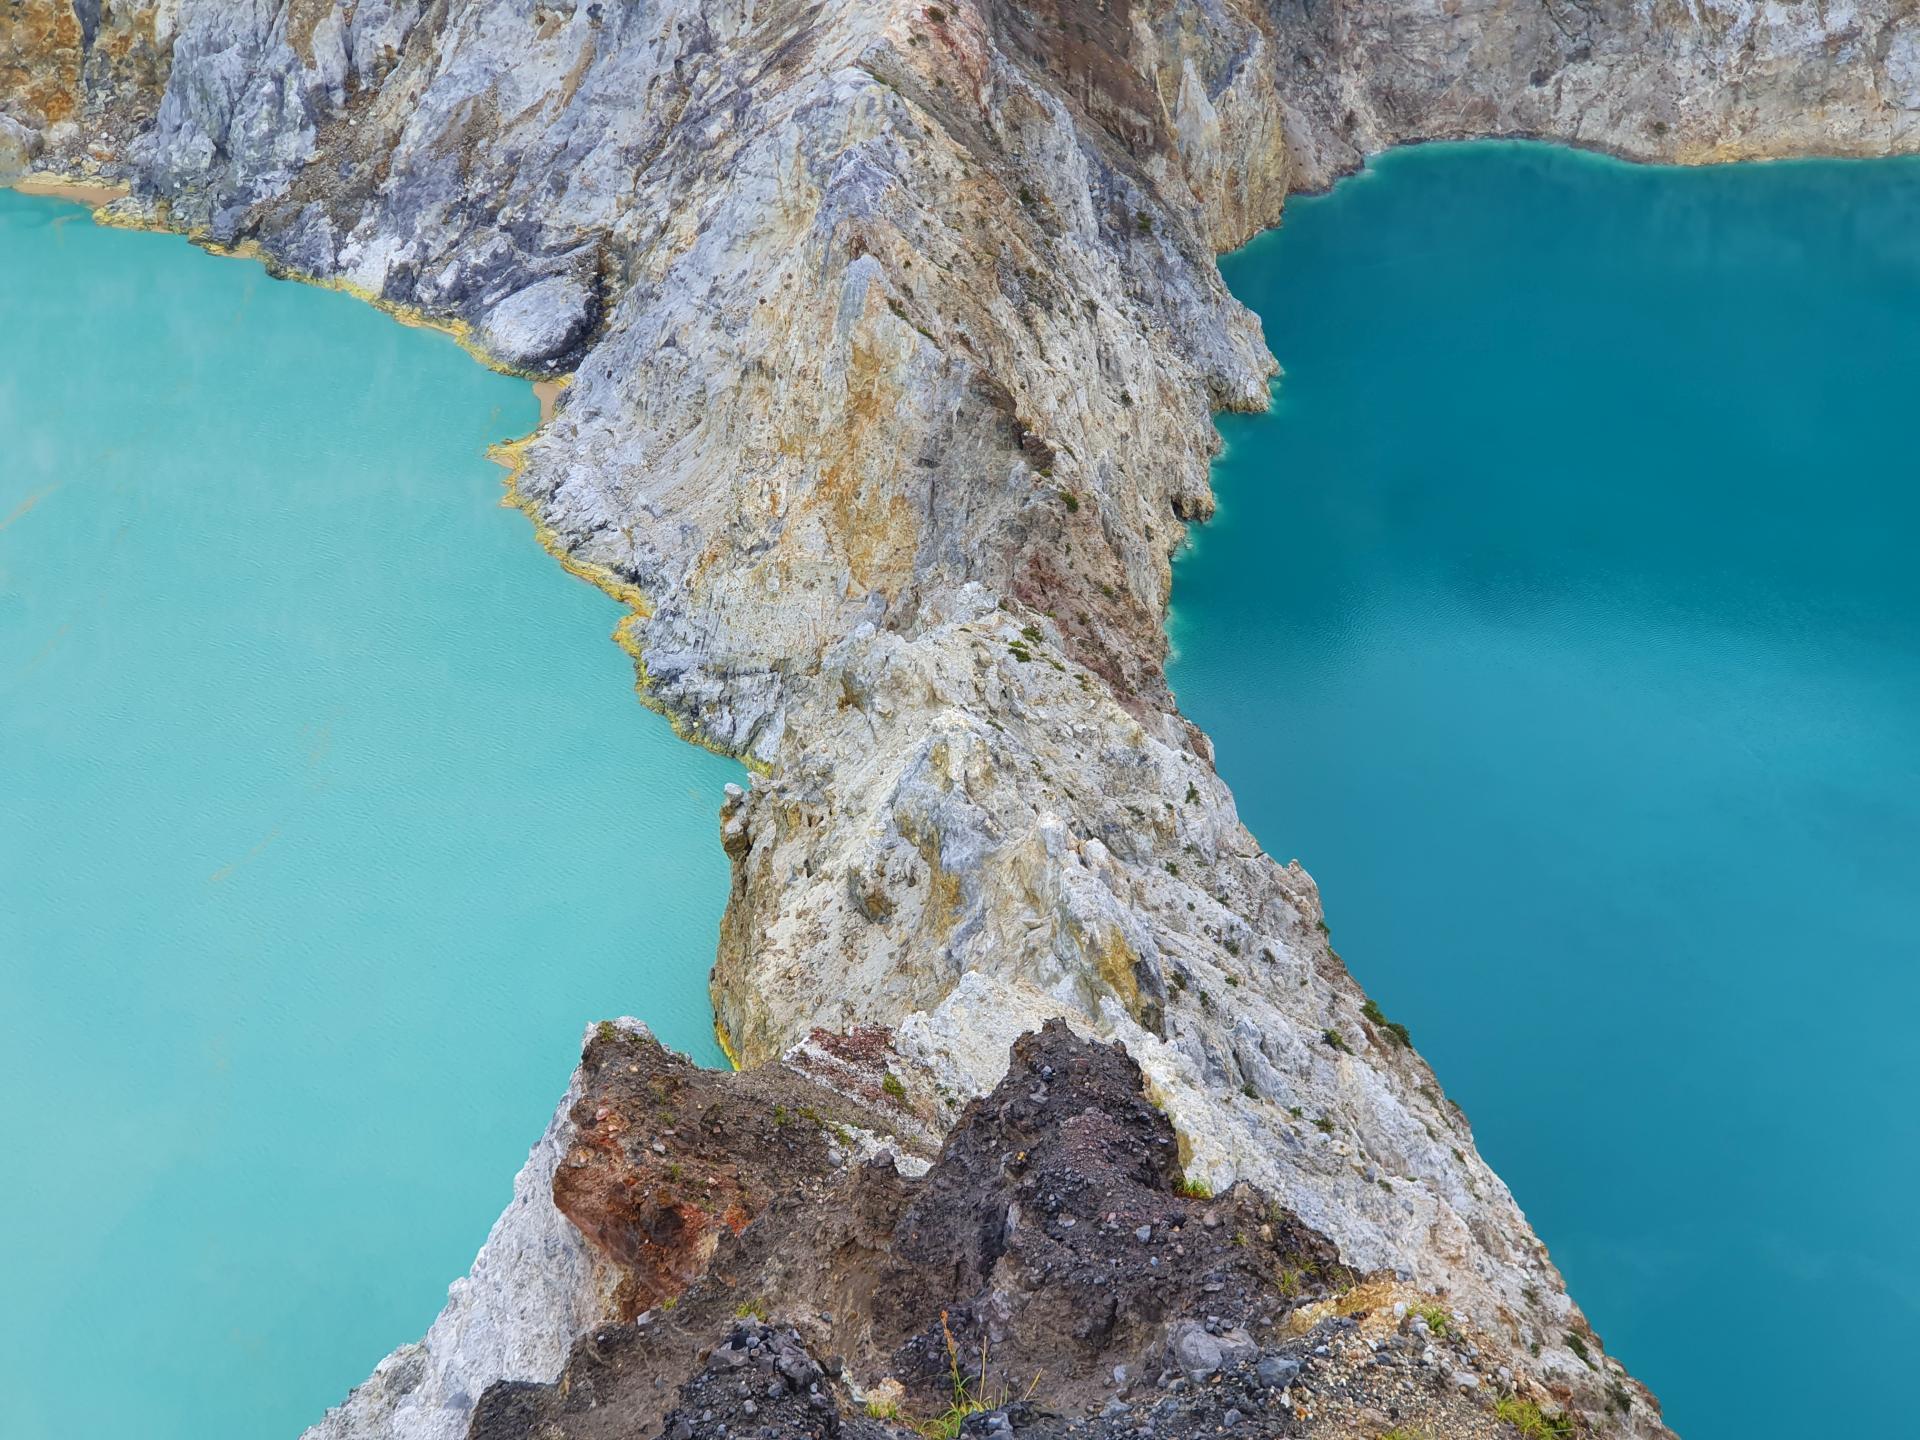 каменный перешеек между озерами Келимуту